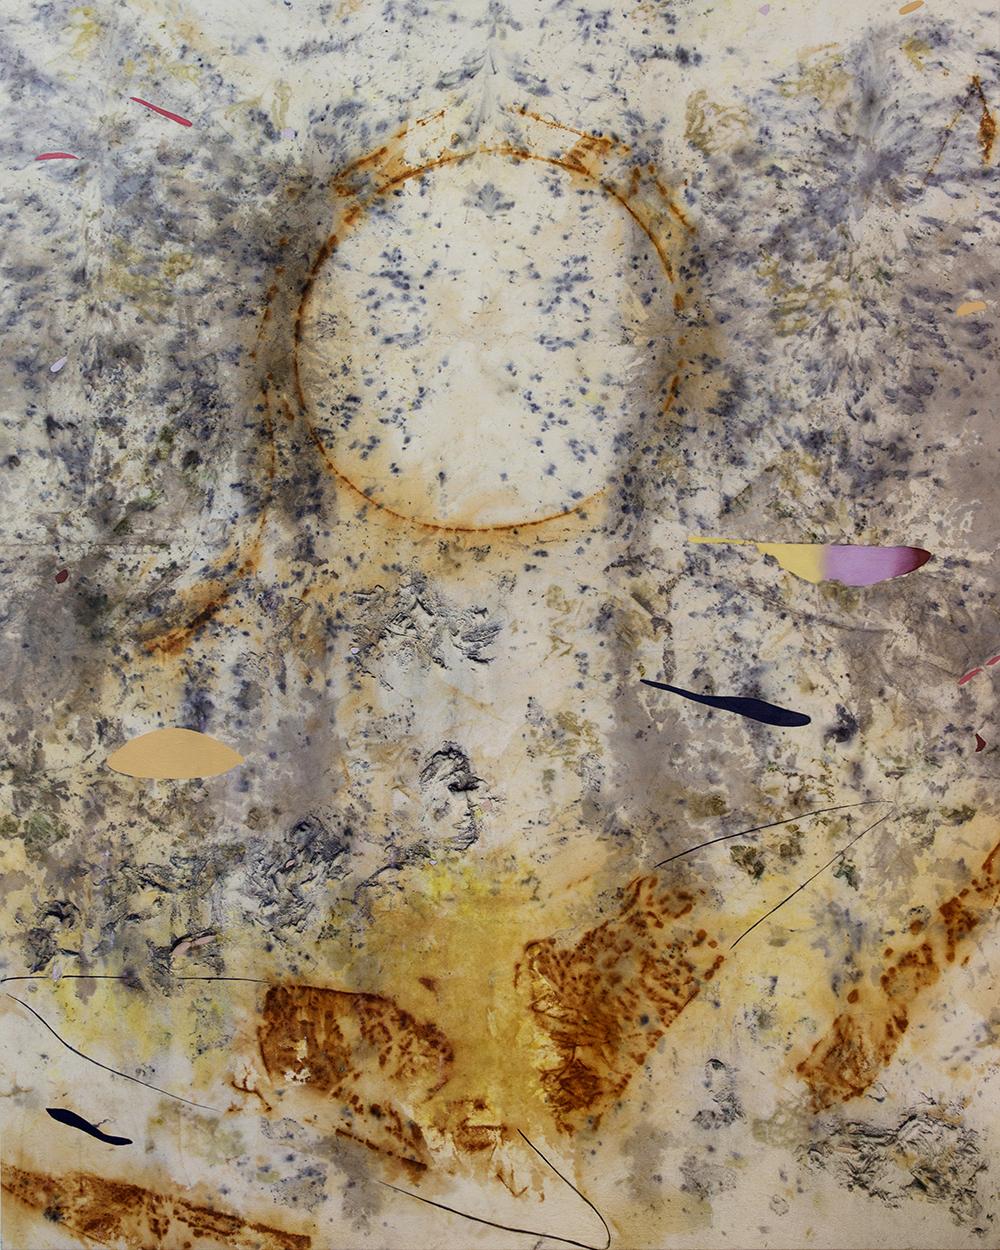 """Gillian King,  Moon Gardener's Almanac , 2019, médium à cire froide, huile, pigments bruts, sédiments de rouille et divers matériaux végétaux (peau d'oignon, rose, sumac et fleurs sauvages) sur toile, 60"""" x 48"""" (152 x122 cm)"""